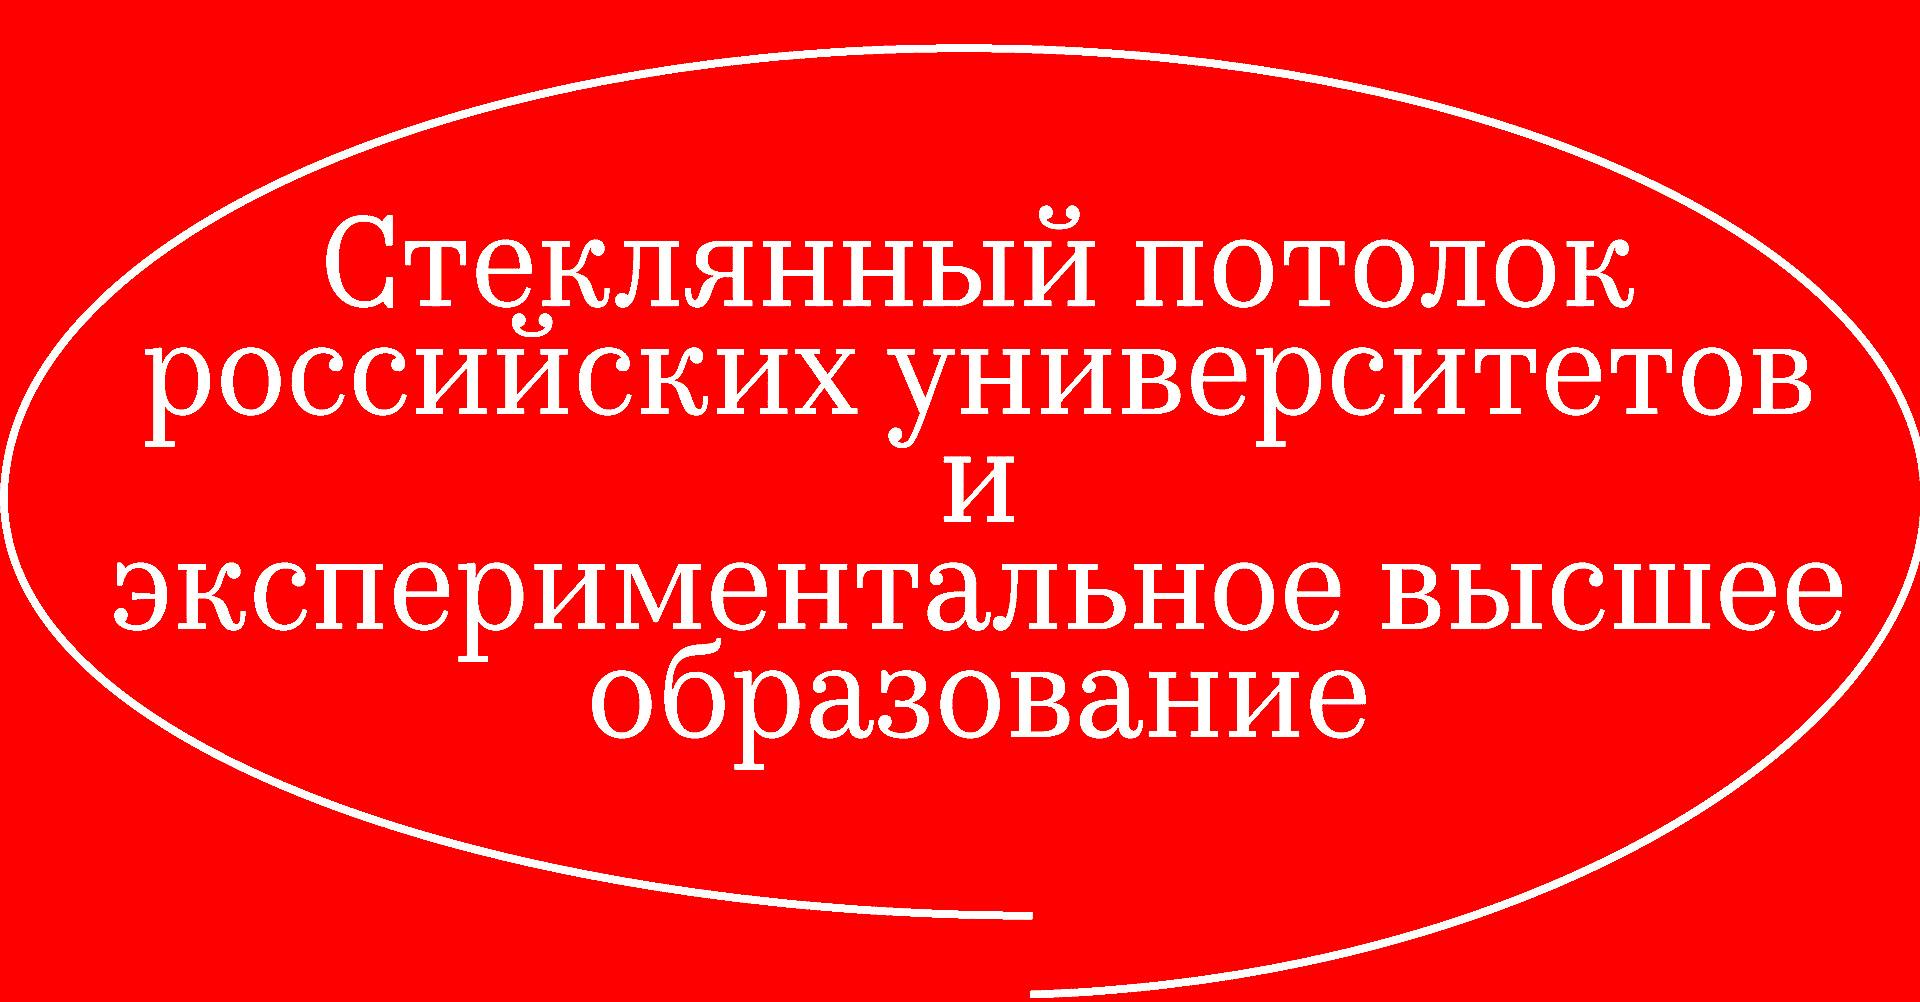 Стеклянный потолок российских университетов и экспериментальное высшее образование